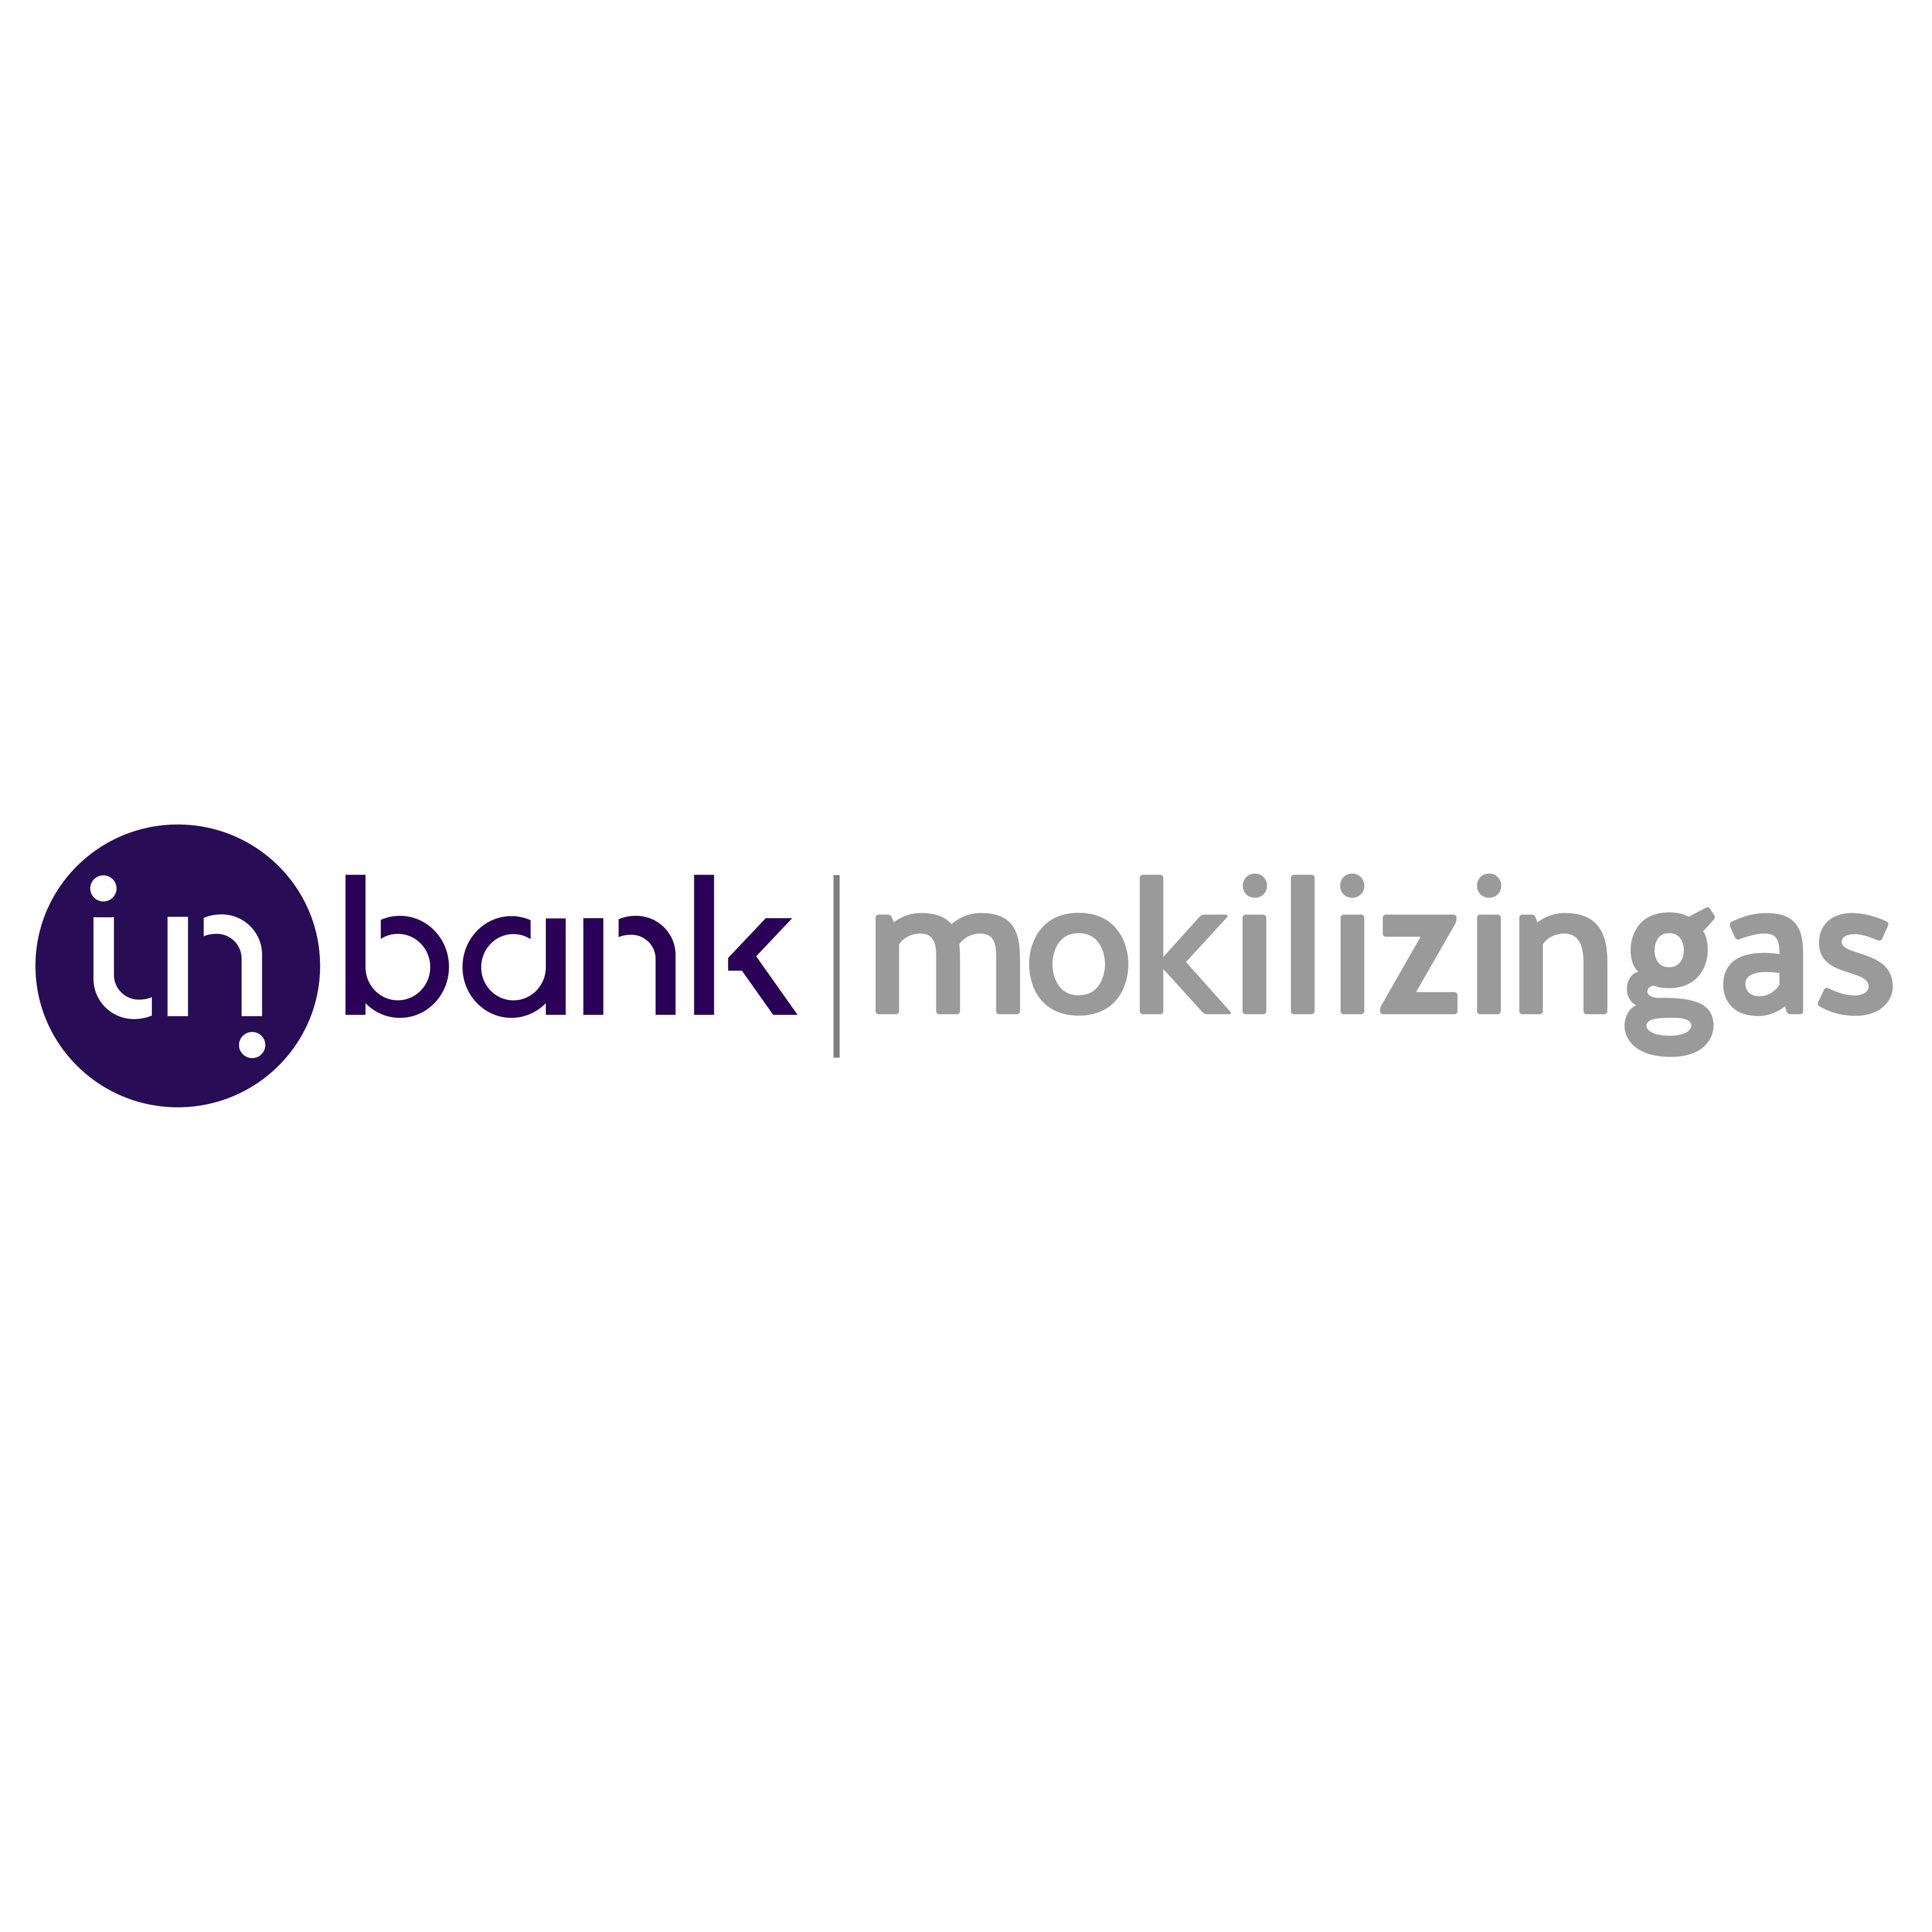 in/inbank_mokilizingas2-1.png